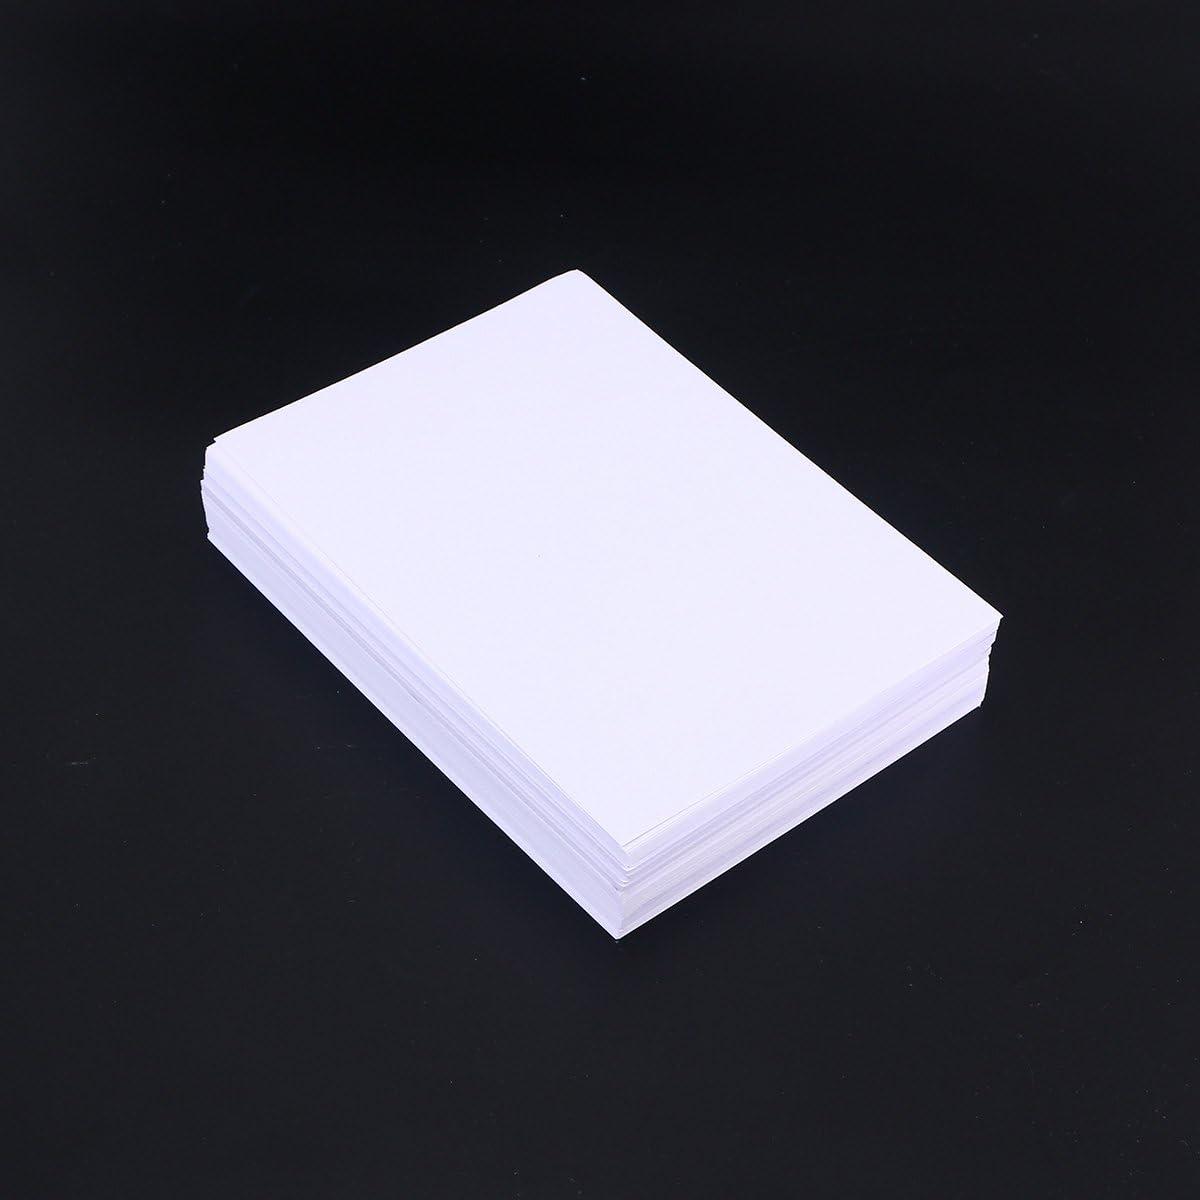 Bo/îte de fer carr/ée de papier de coton pur pour dessiner la peinture /à laquarelle et les supports mouill/és press/é /à froid 20 feuilles de papier aquarelle portatif sans acide